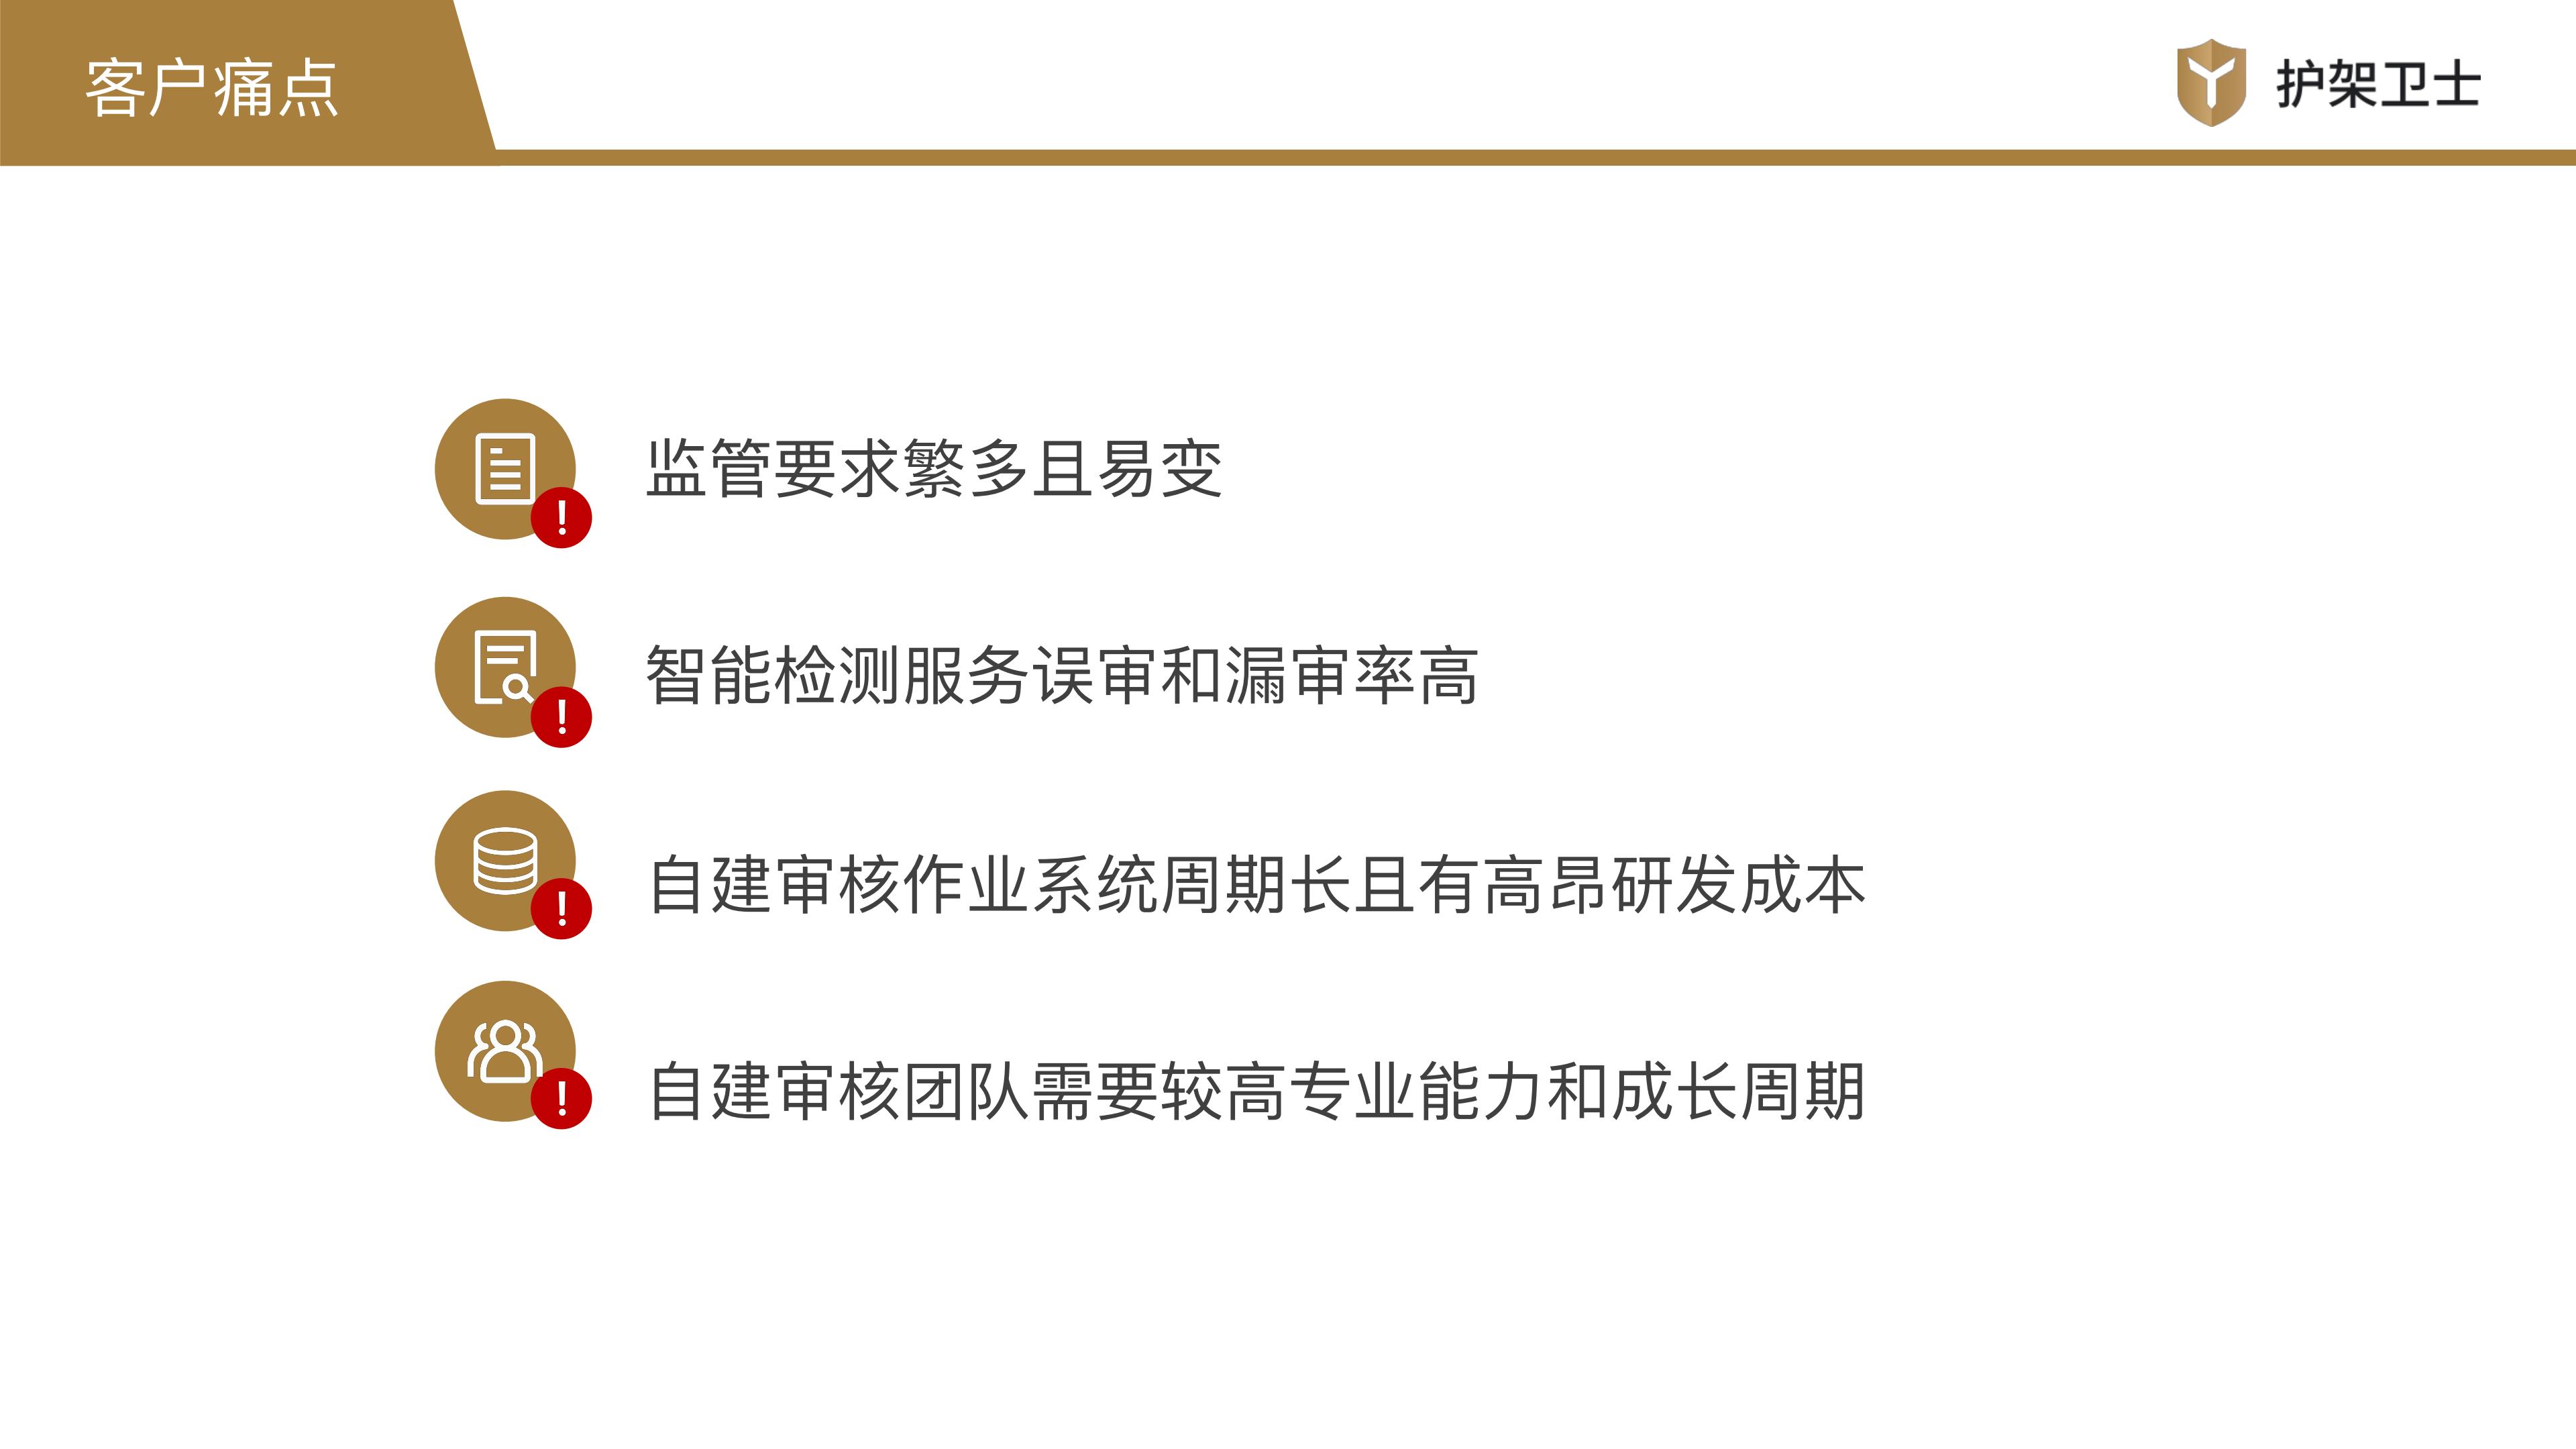 护架卫士产品介绍1.2_05.png